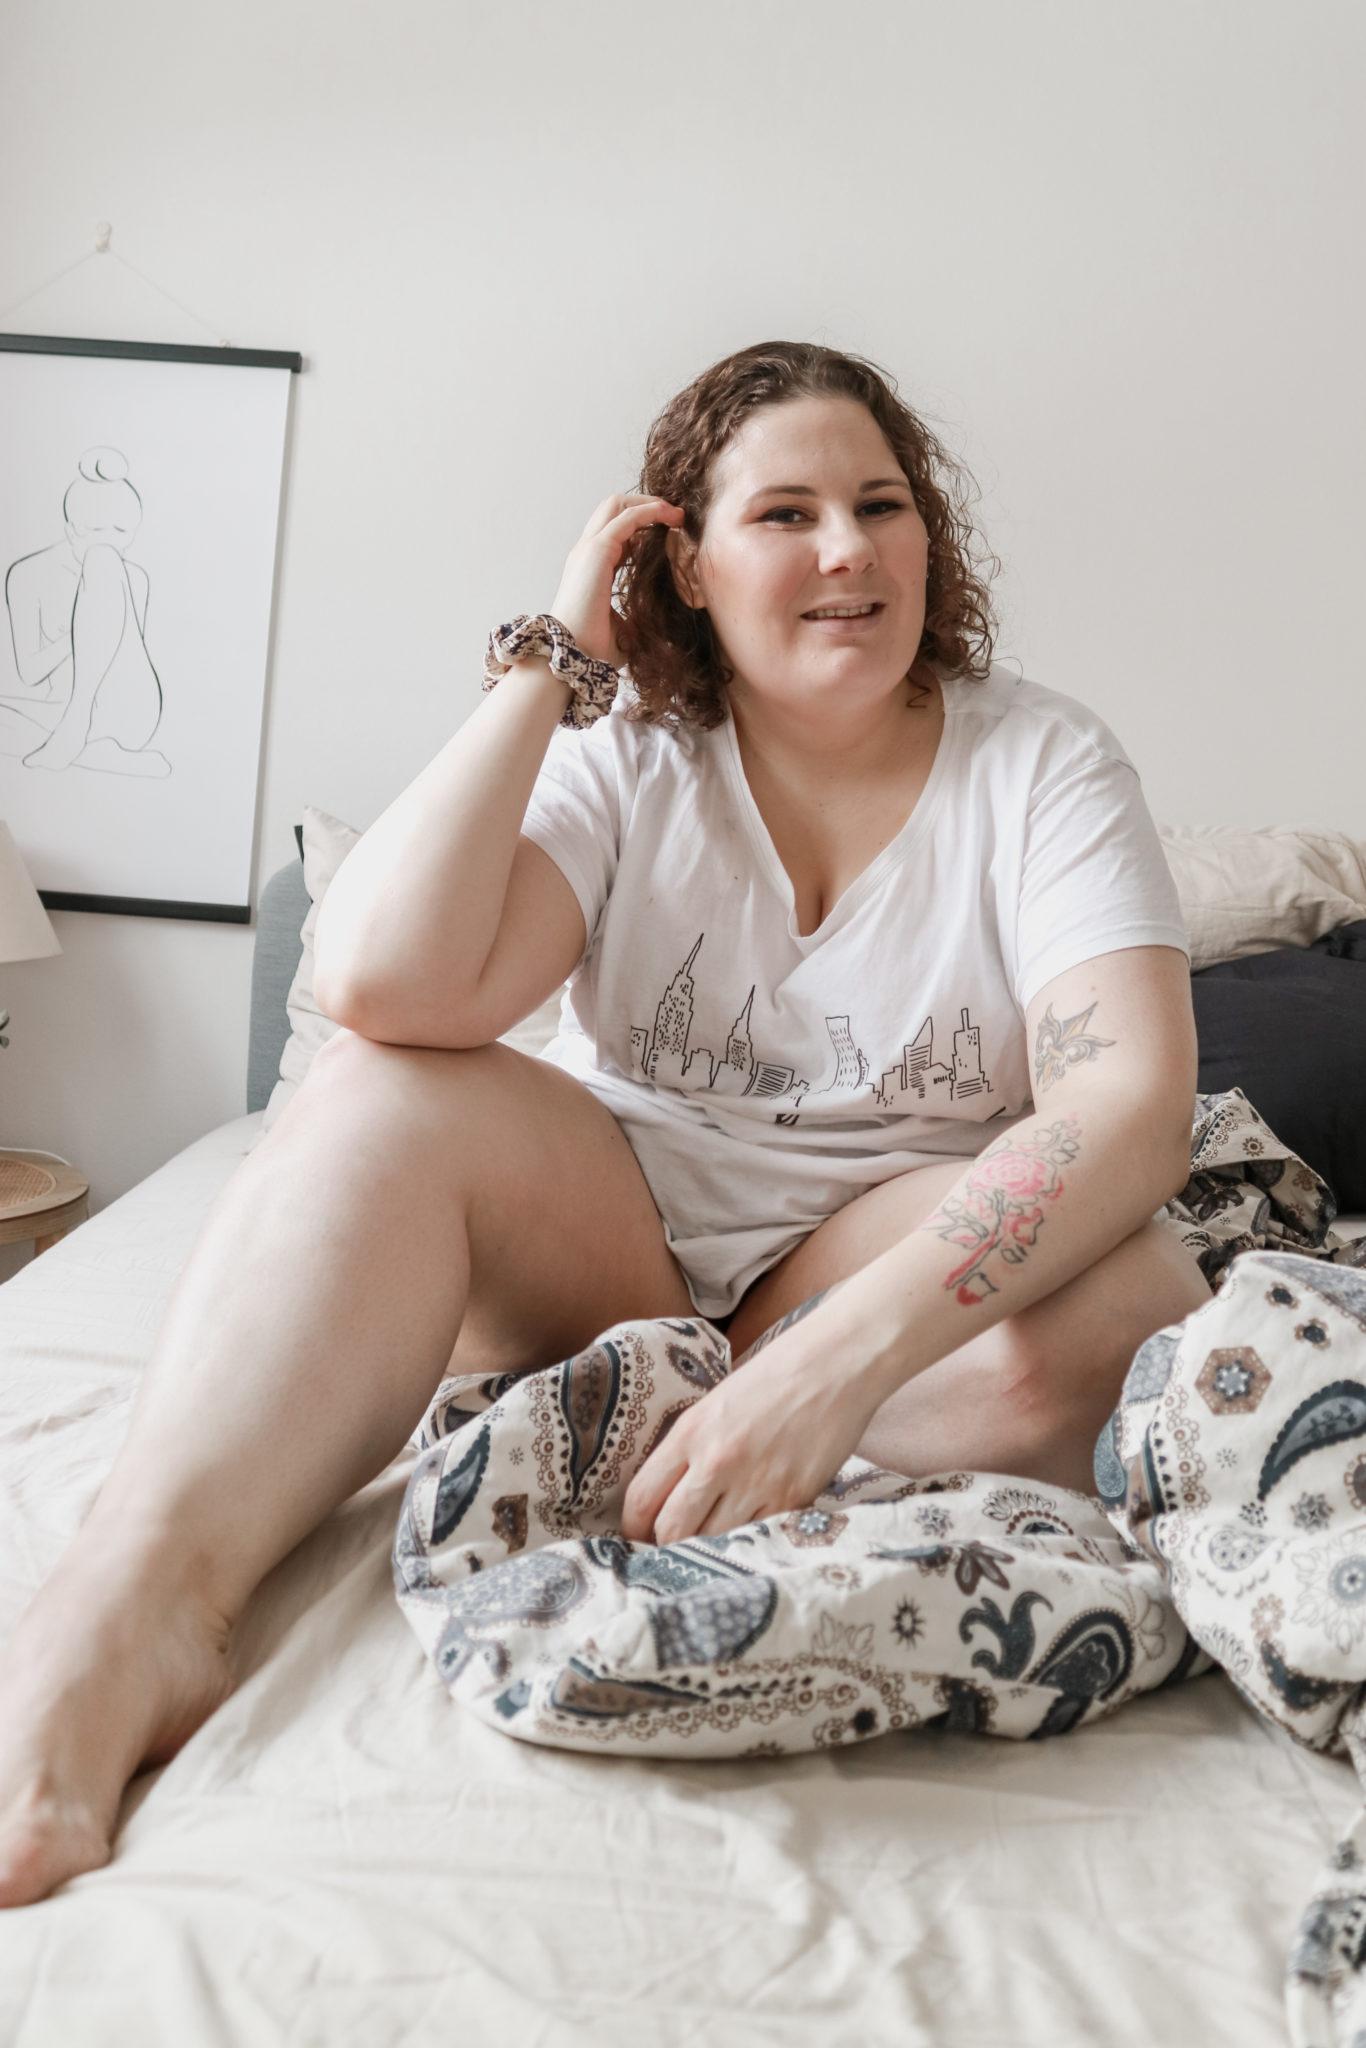 Naistenpäivä: Kukkia ja suklaat vai päivä tasa-arvon edistämiselle - Big mamas home by Jenni